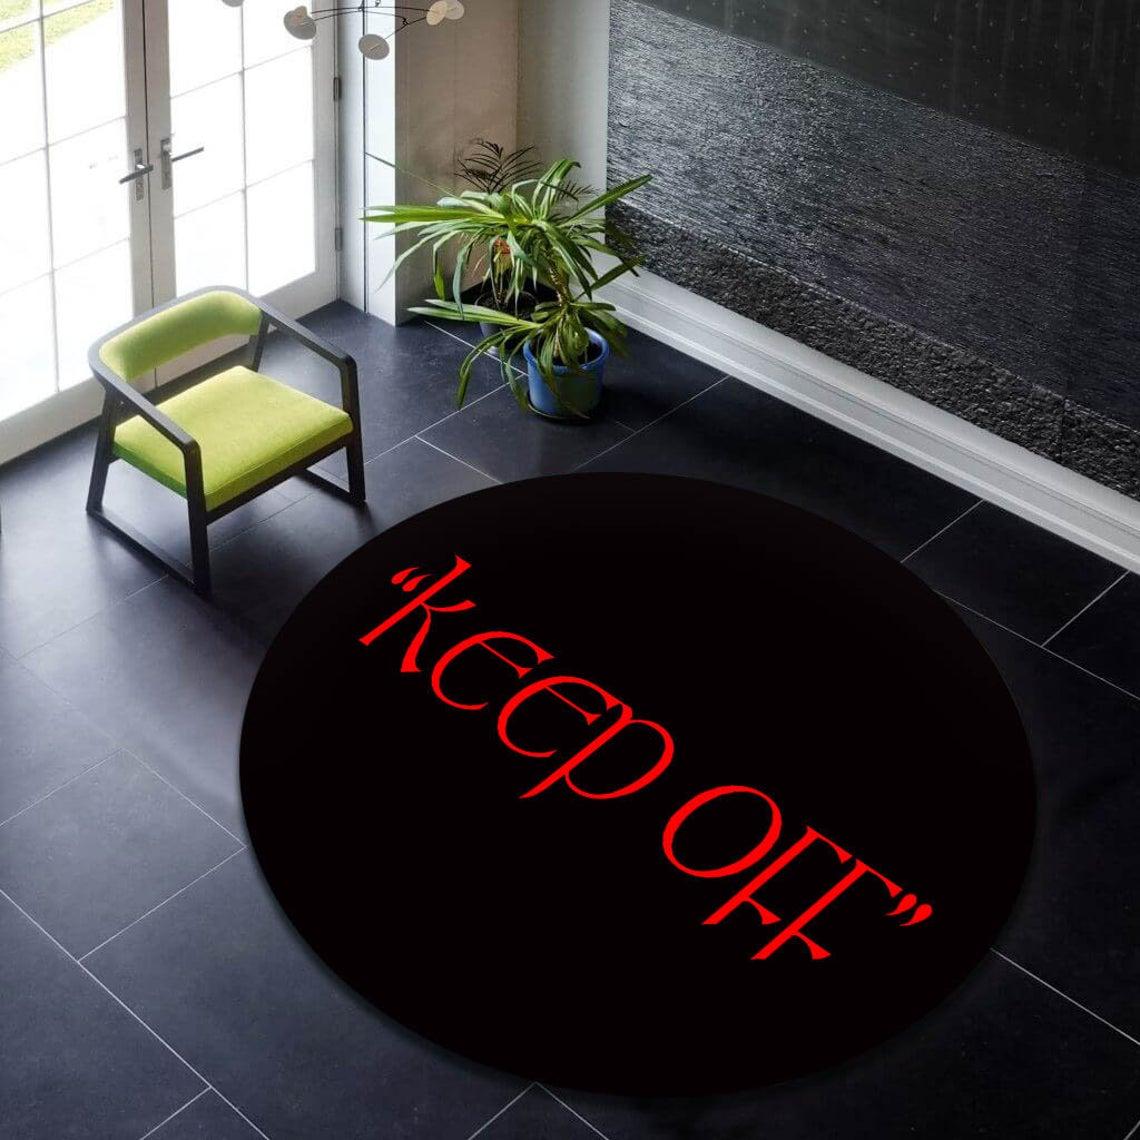 حافظ على نمط أسود سجادة مستديرة ، سجادة دائرية حمراء ، سجادة منطقة دائرة ، سجادة مستديرة حديثة ، سجادة شعبية ، ديكور المنزل